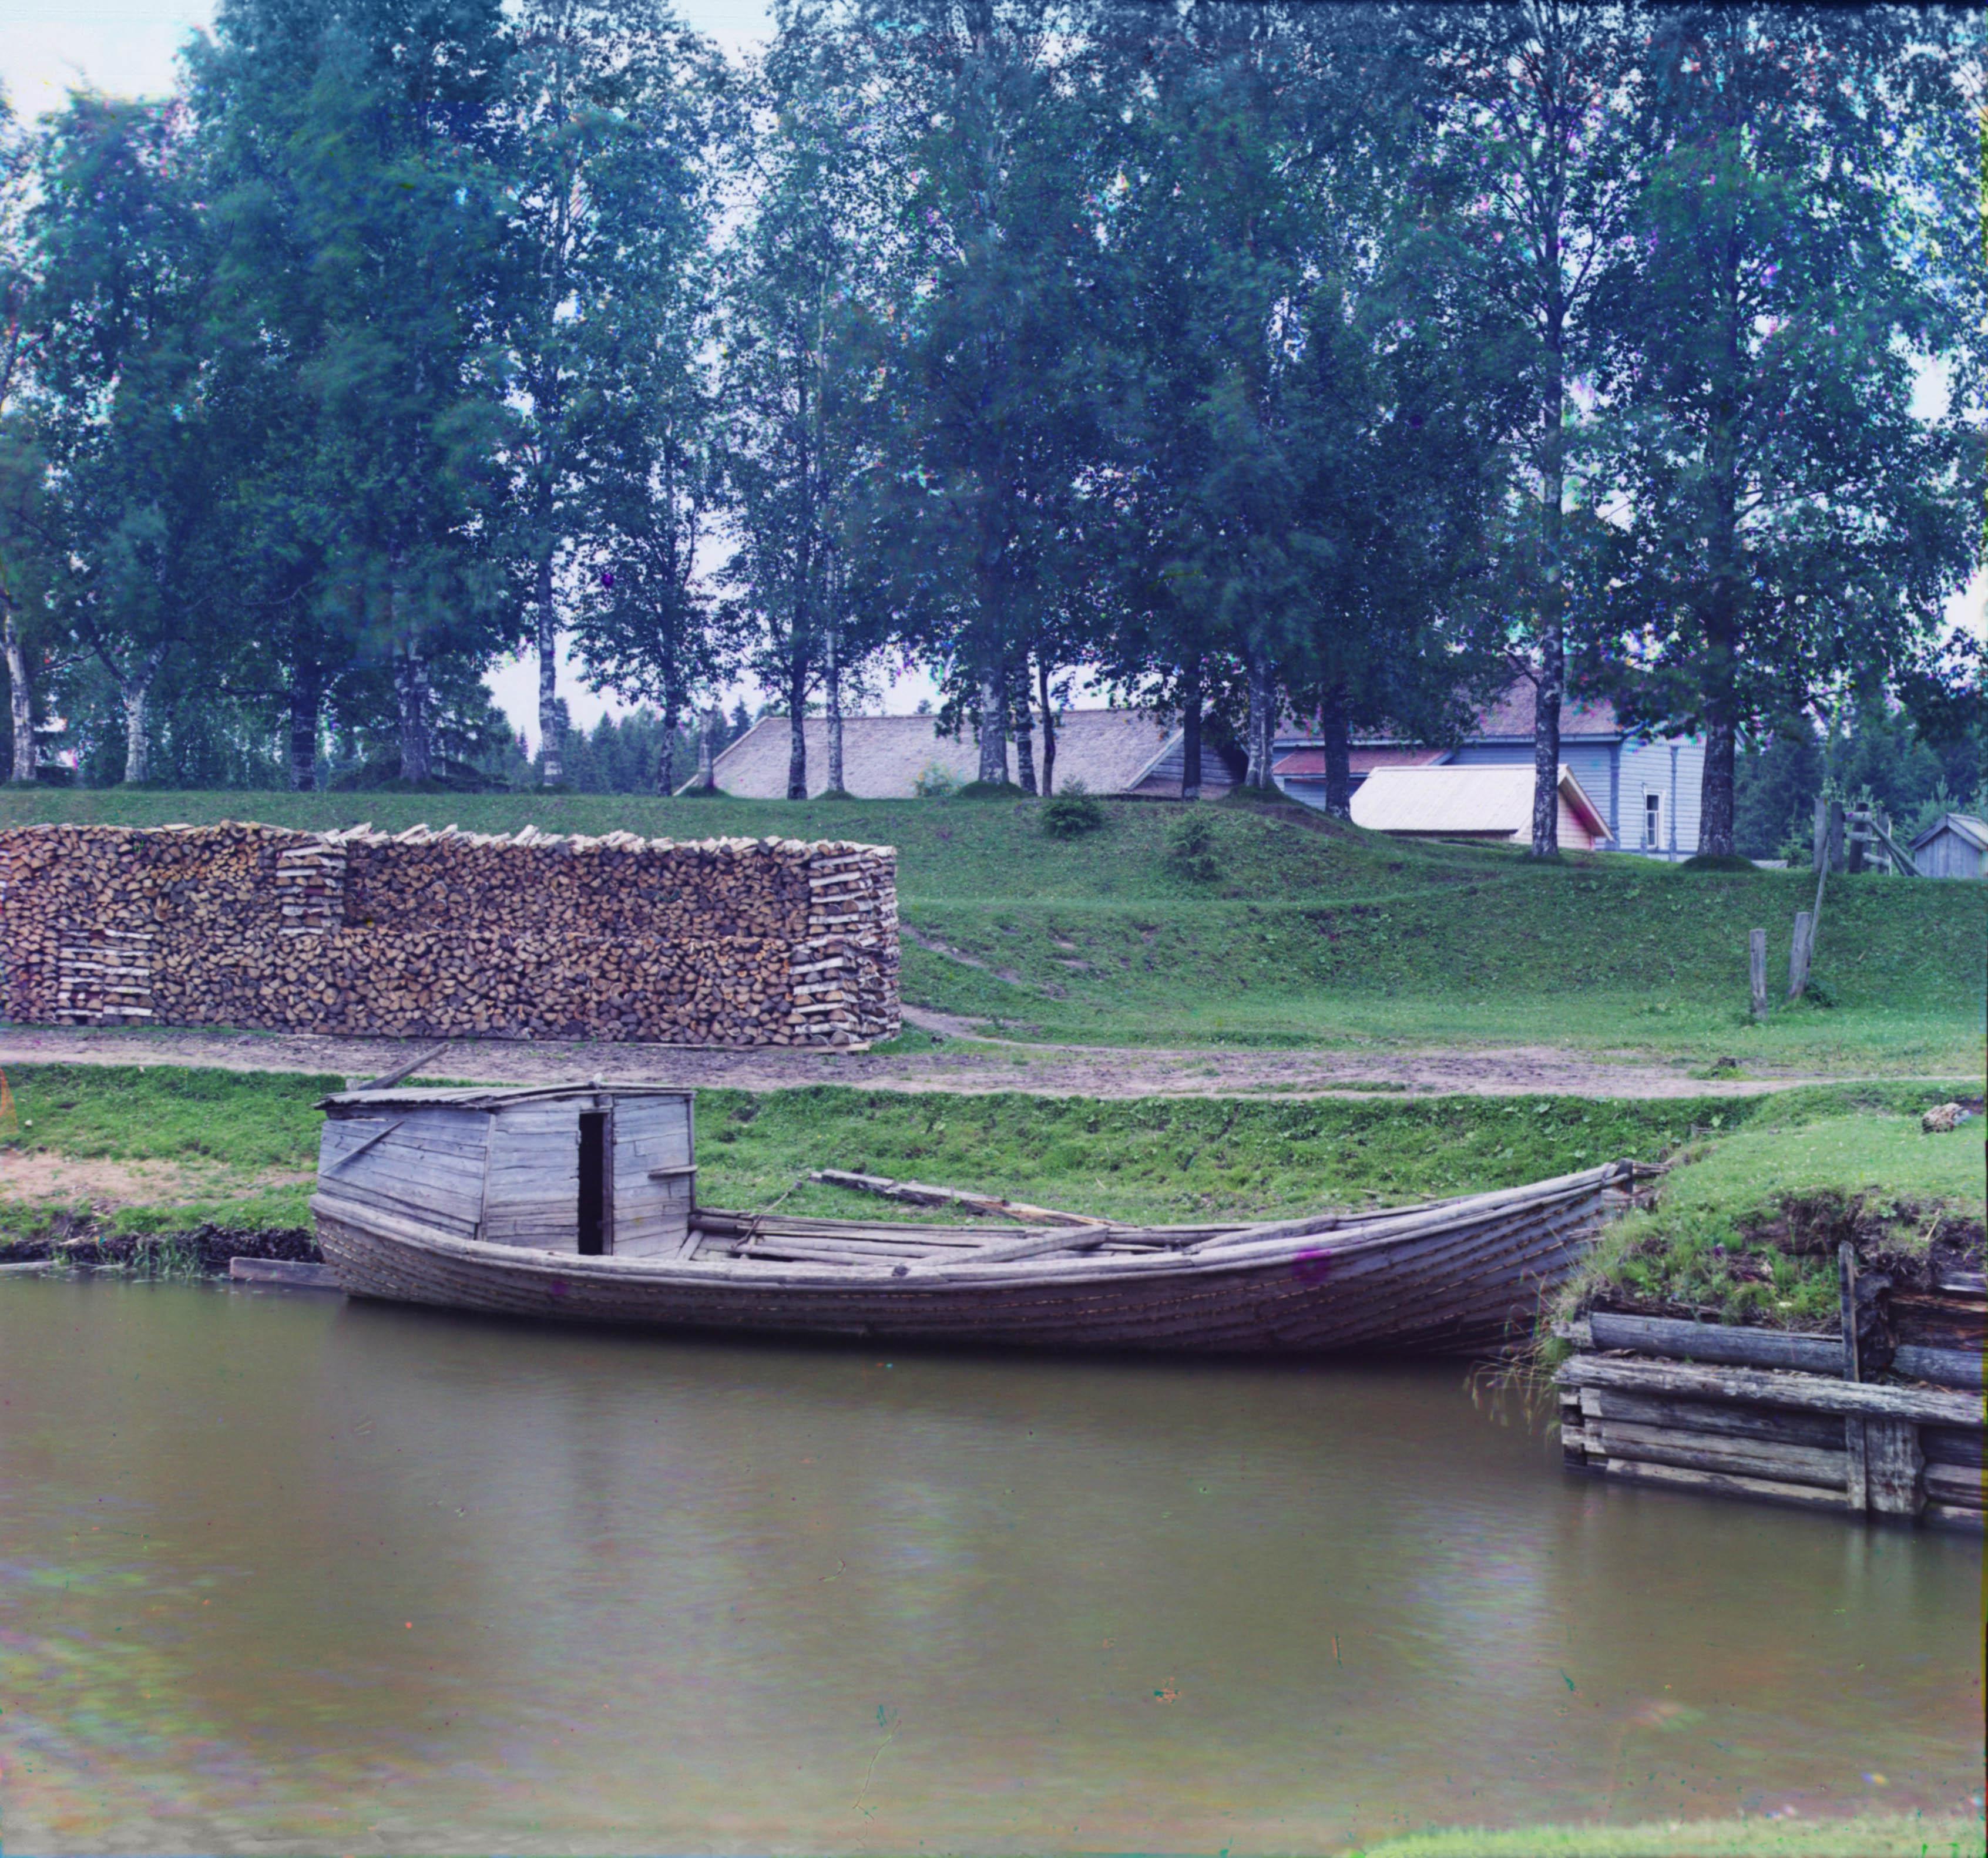 Трешкот у шлюза «Безопасность» близ пристани Чайка в месте соединения Белозерского канала с рекой Шексной